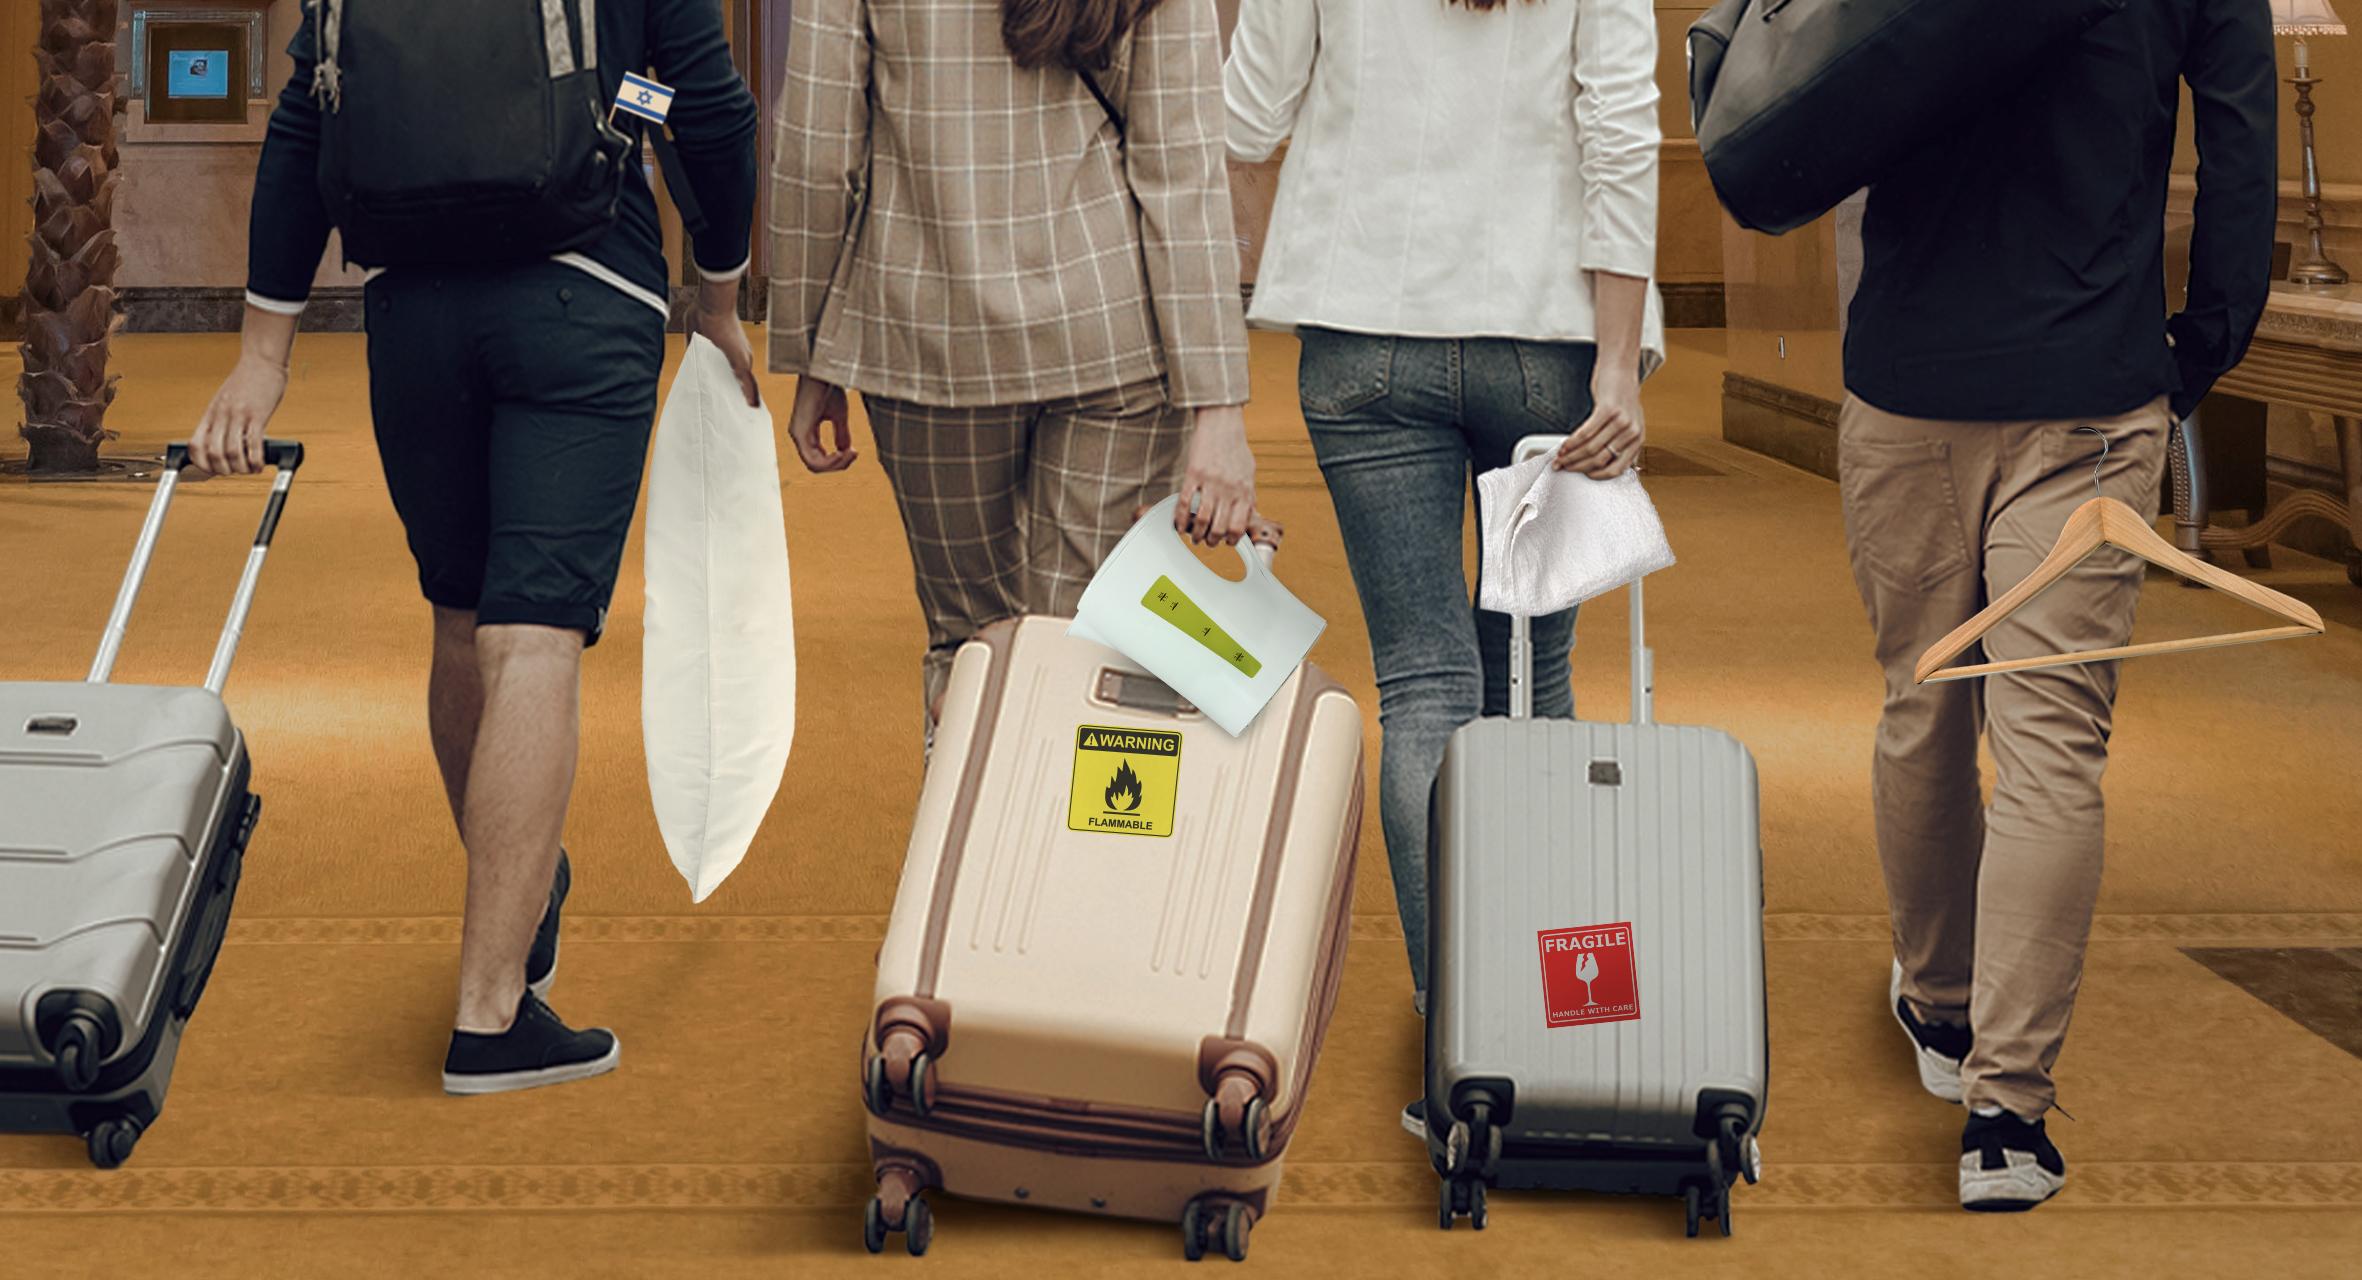 صورة كتيبة سياح إسرائيليين يستطلعون استجابة فنادق دبي للسرقة تمهيداً للتوسع وإقامة مستوطنات